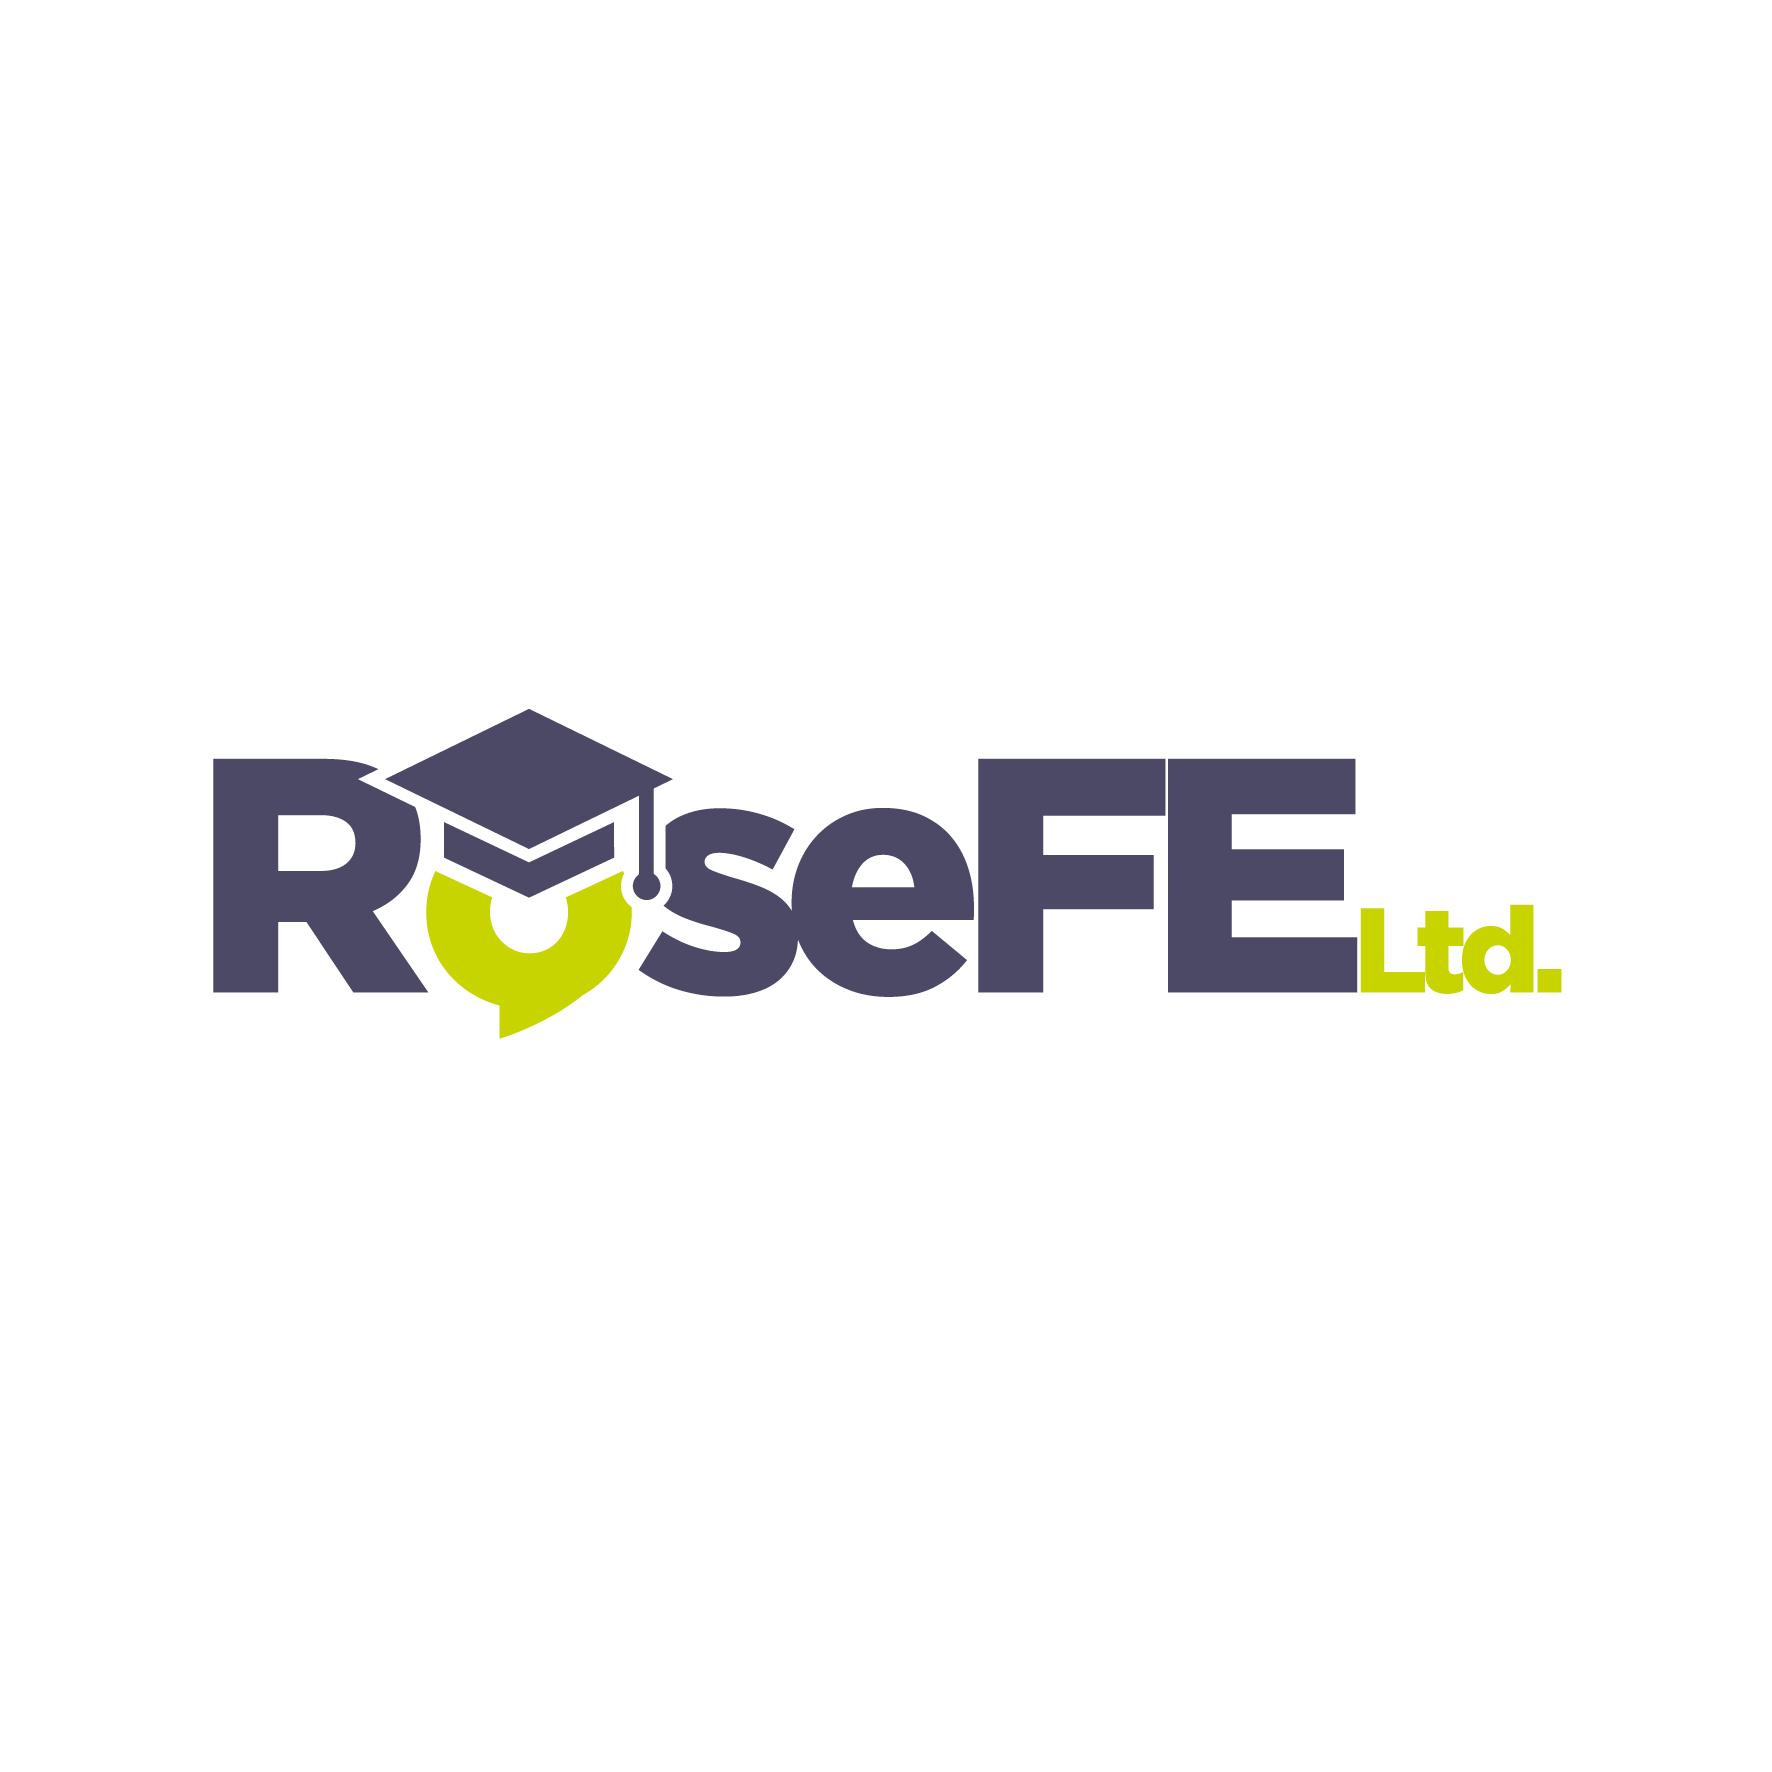 Rose FE Ltd. | Further Education | Weston-super-Mare, UK | Rose FE